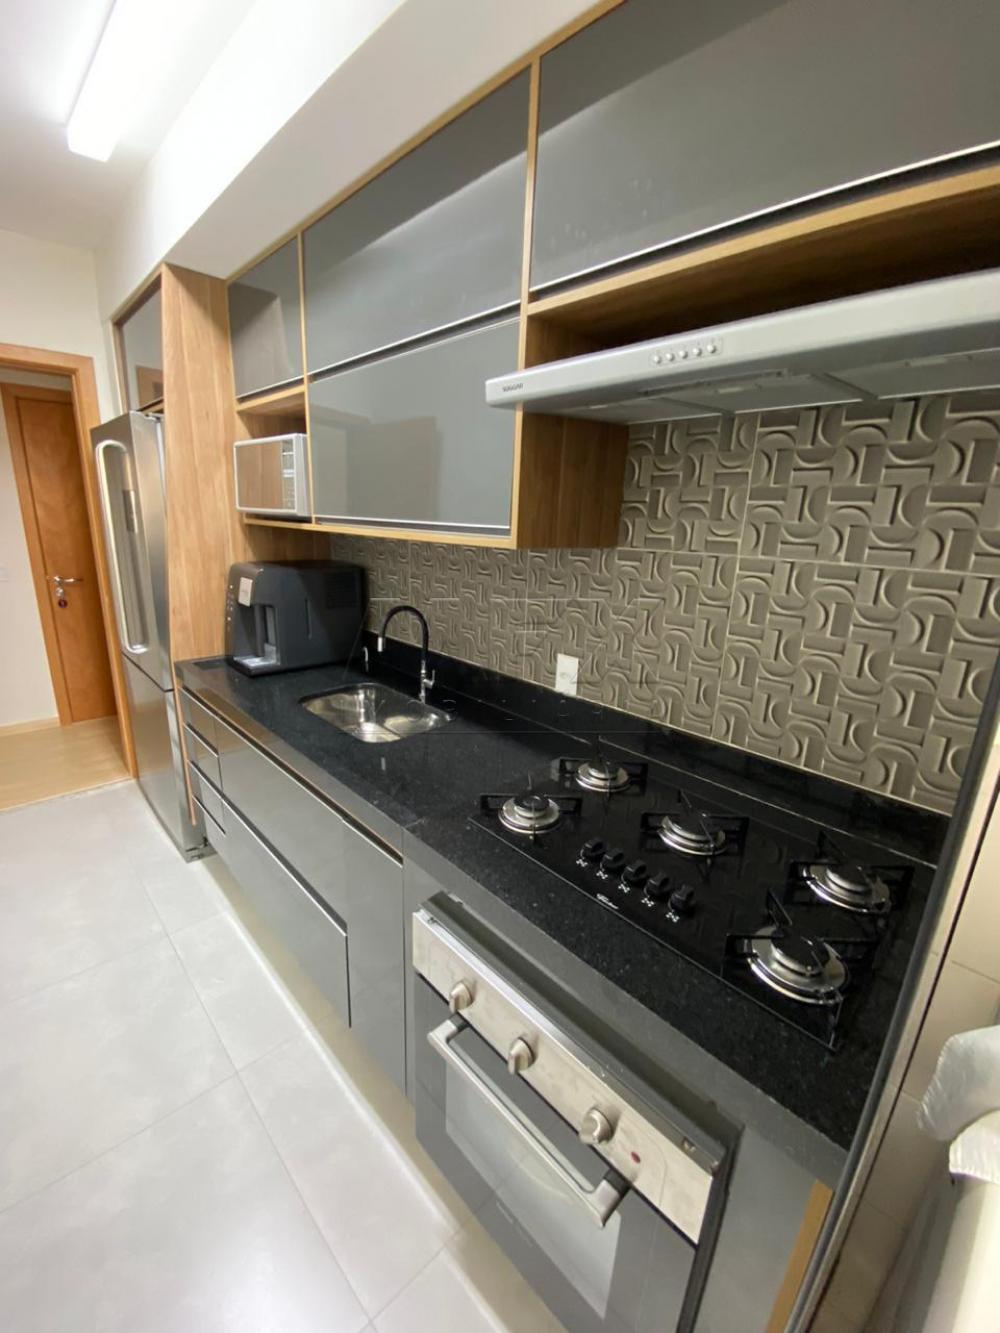 Comprar Apartamento / Padrão em Bauru apenas R$ 620.000,00 - Foto 5